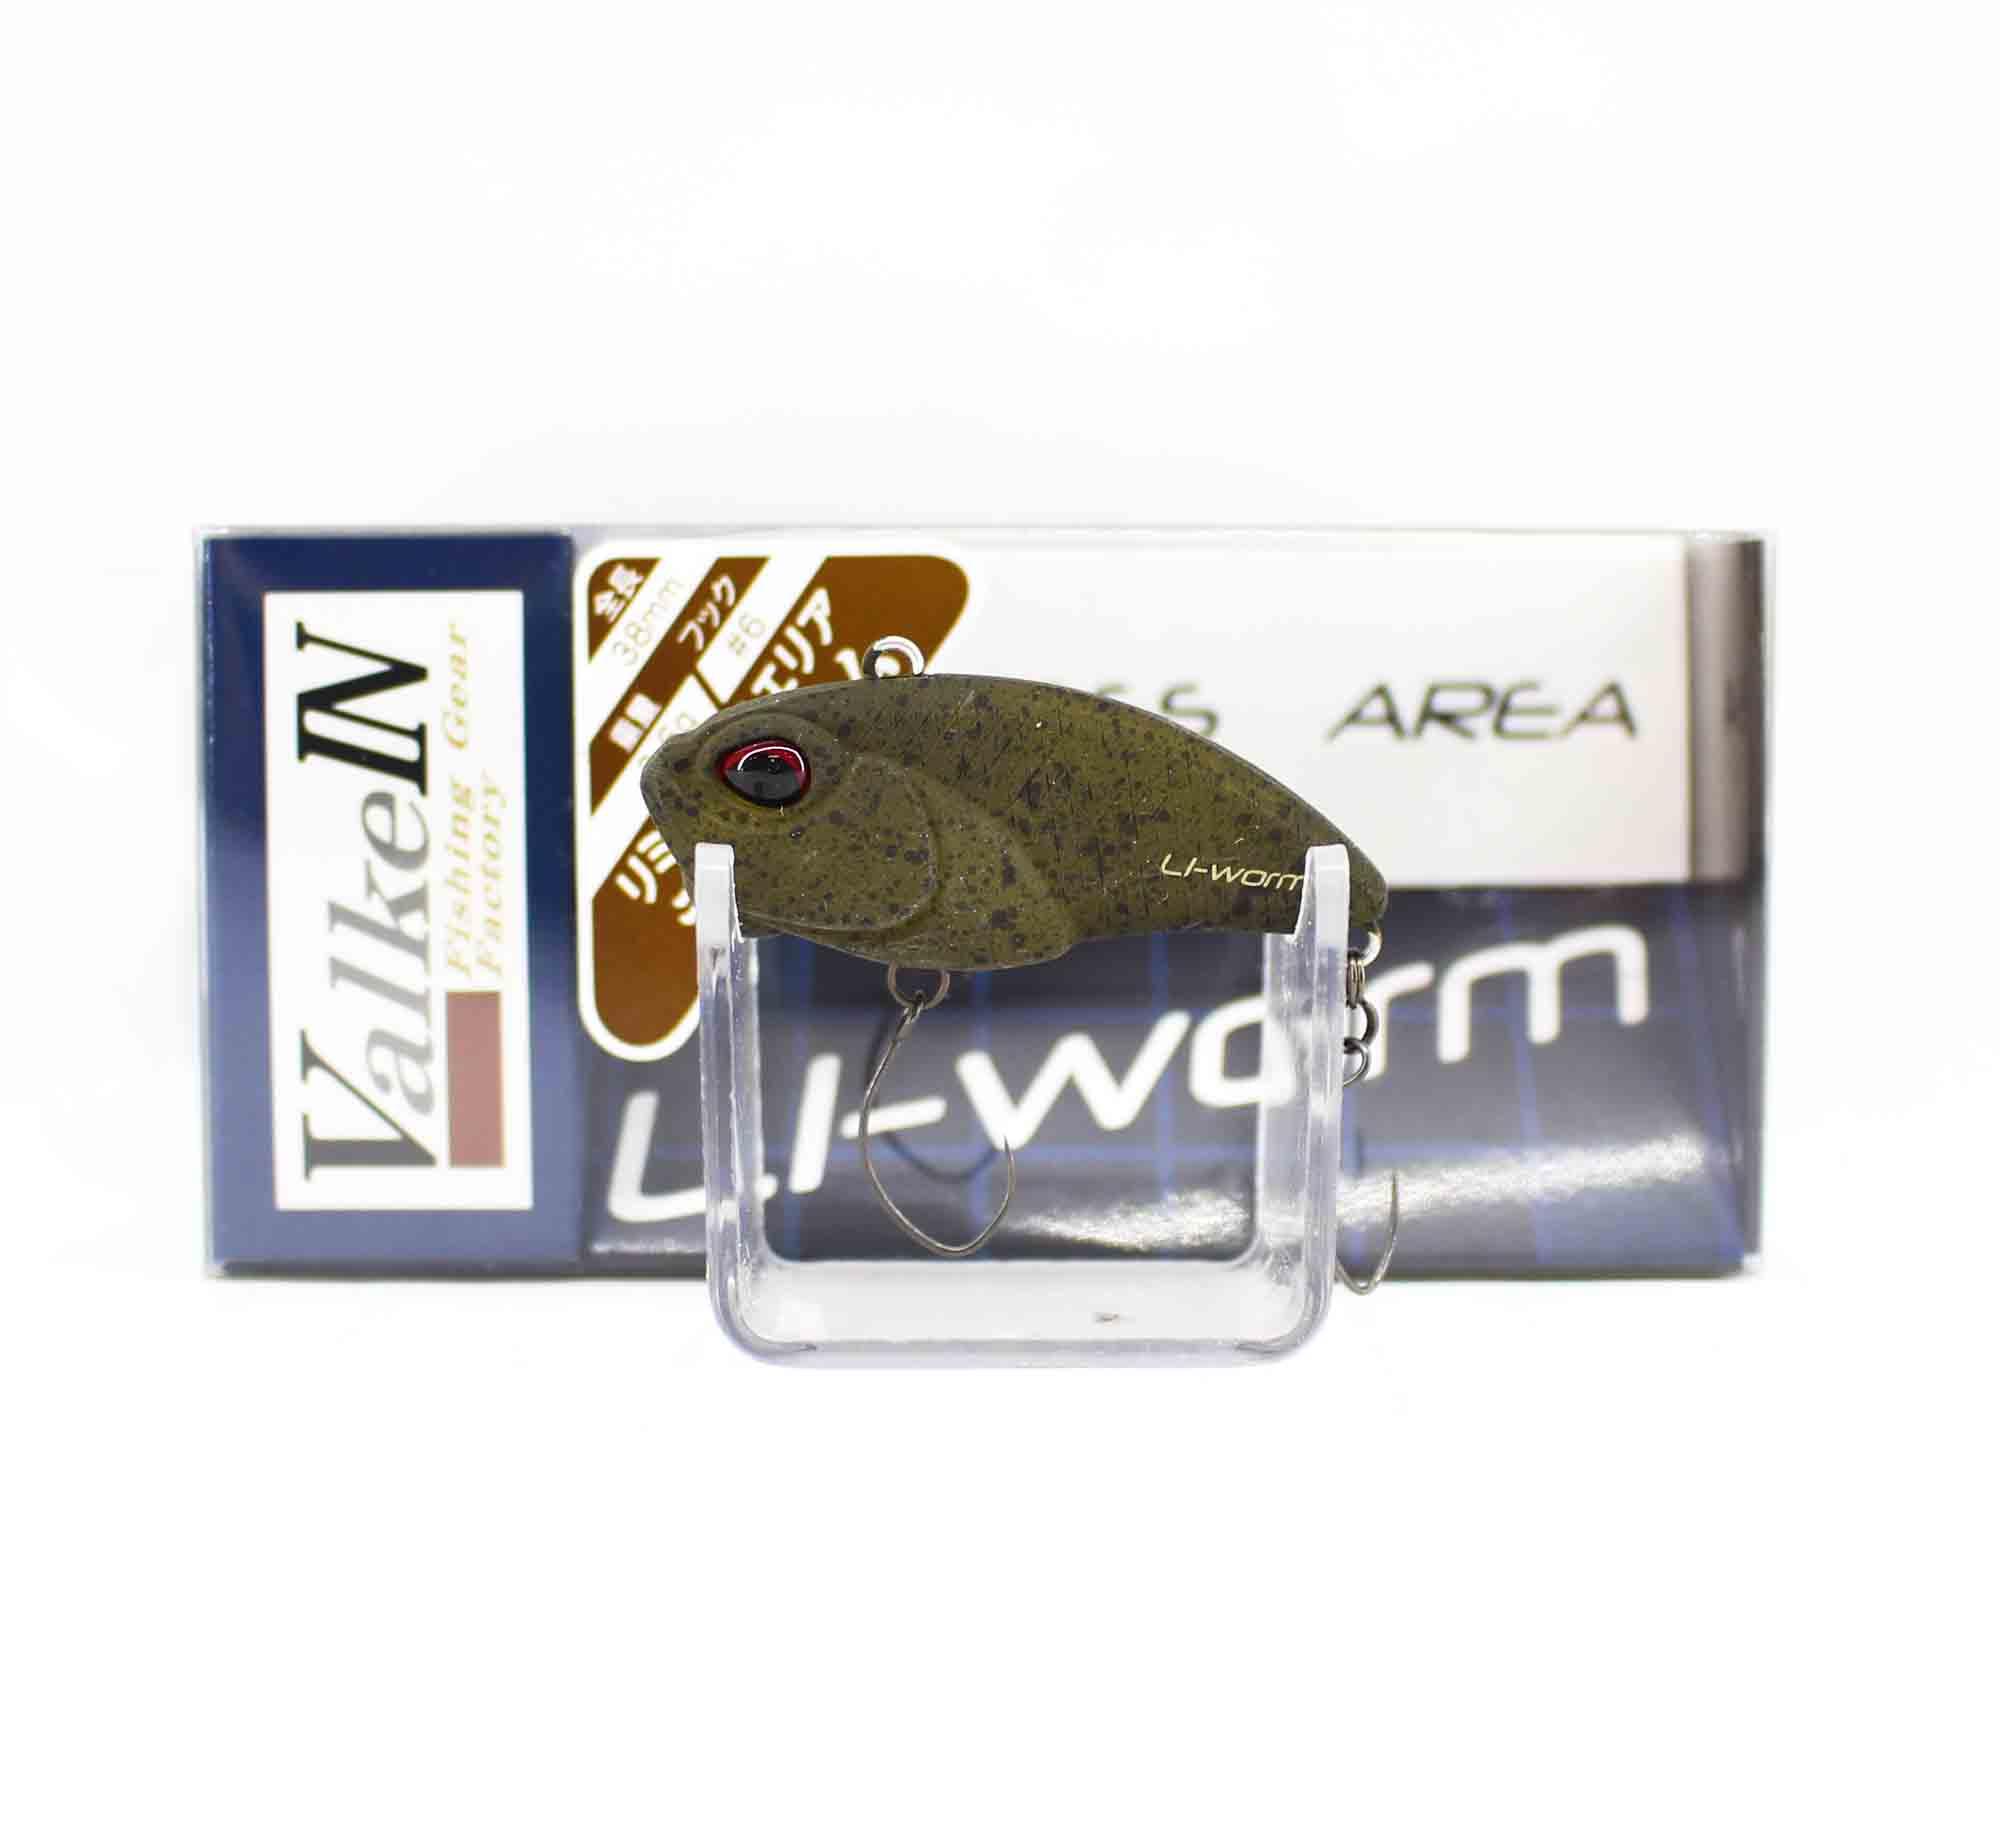 Valkein Li-Worm 38mm 3.6 grams Sinking Lure M034 (0932)